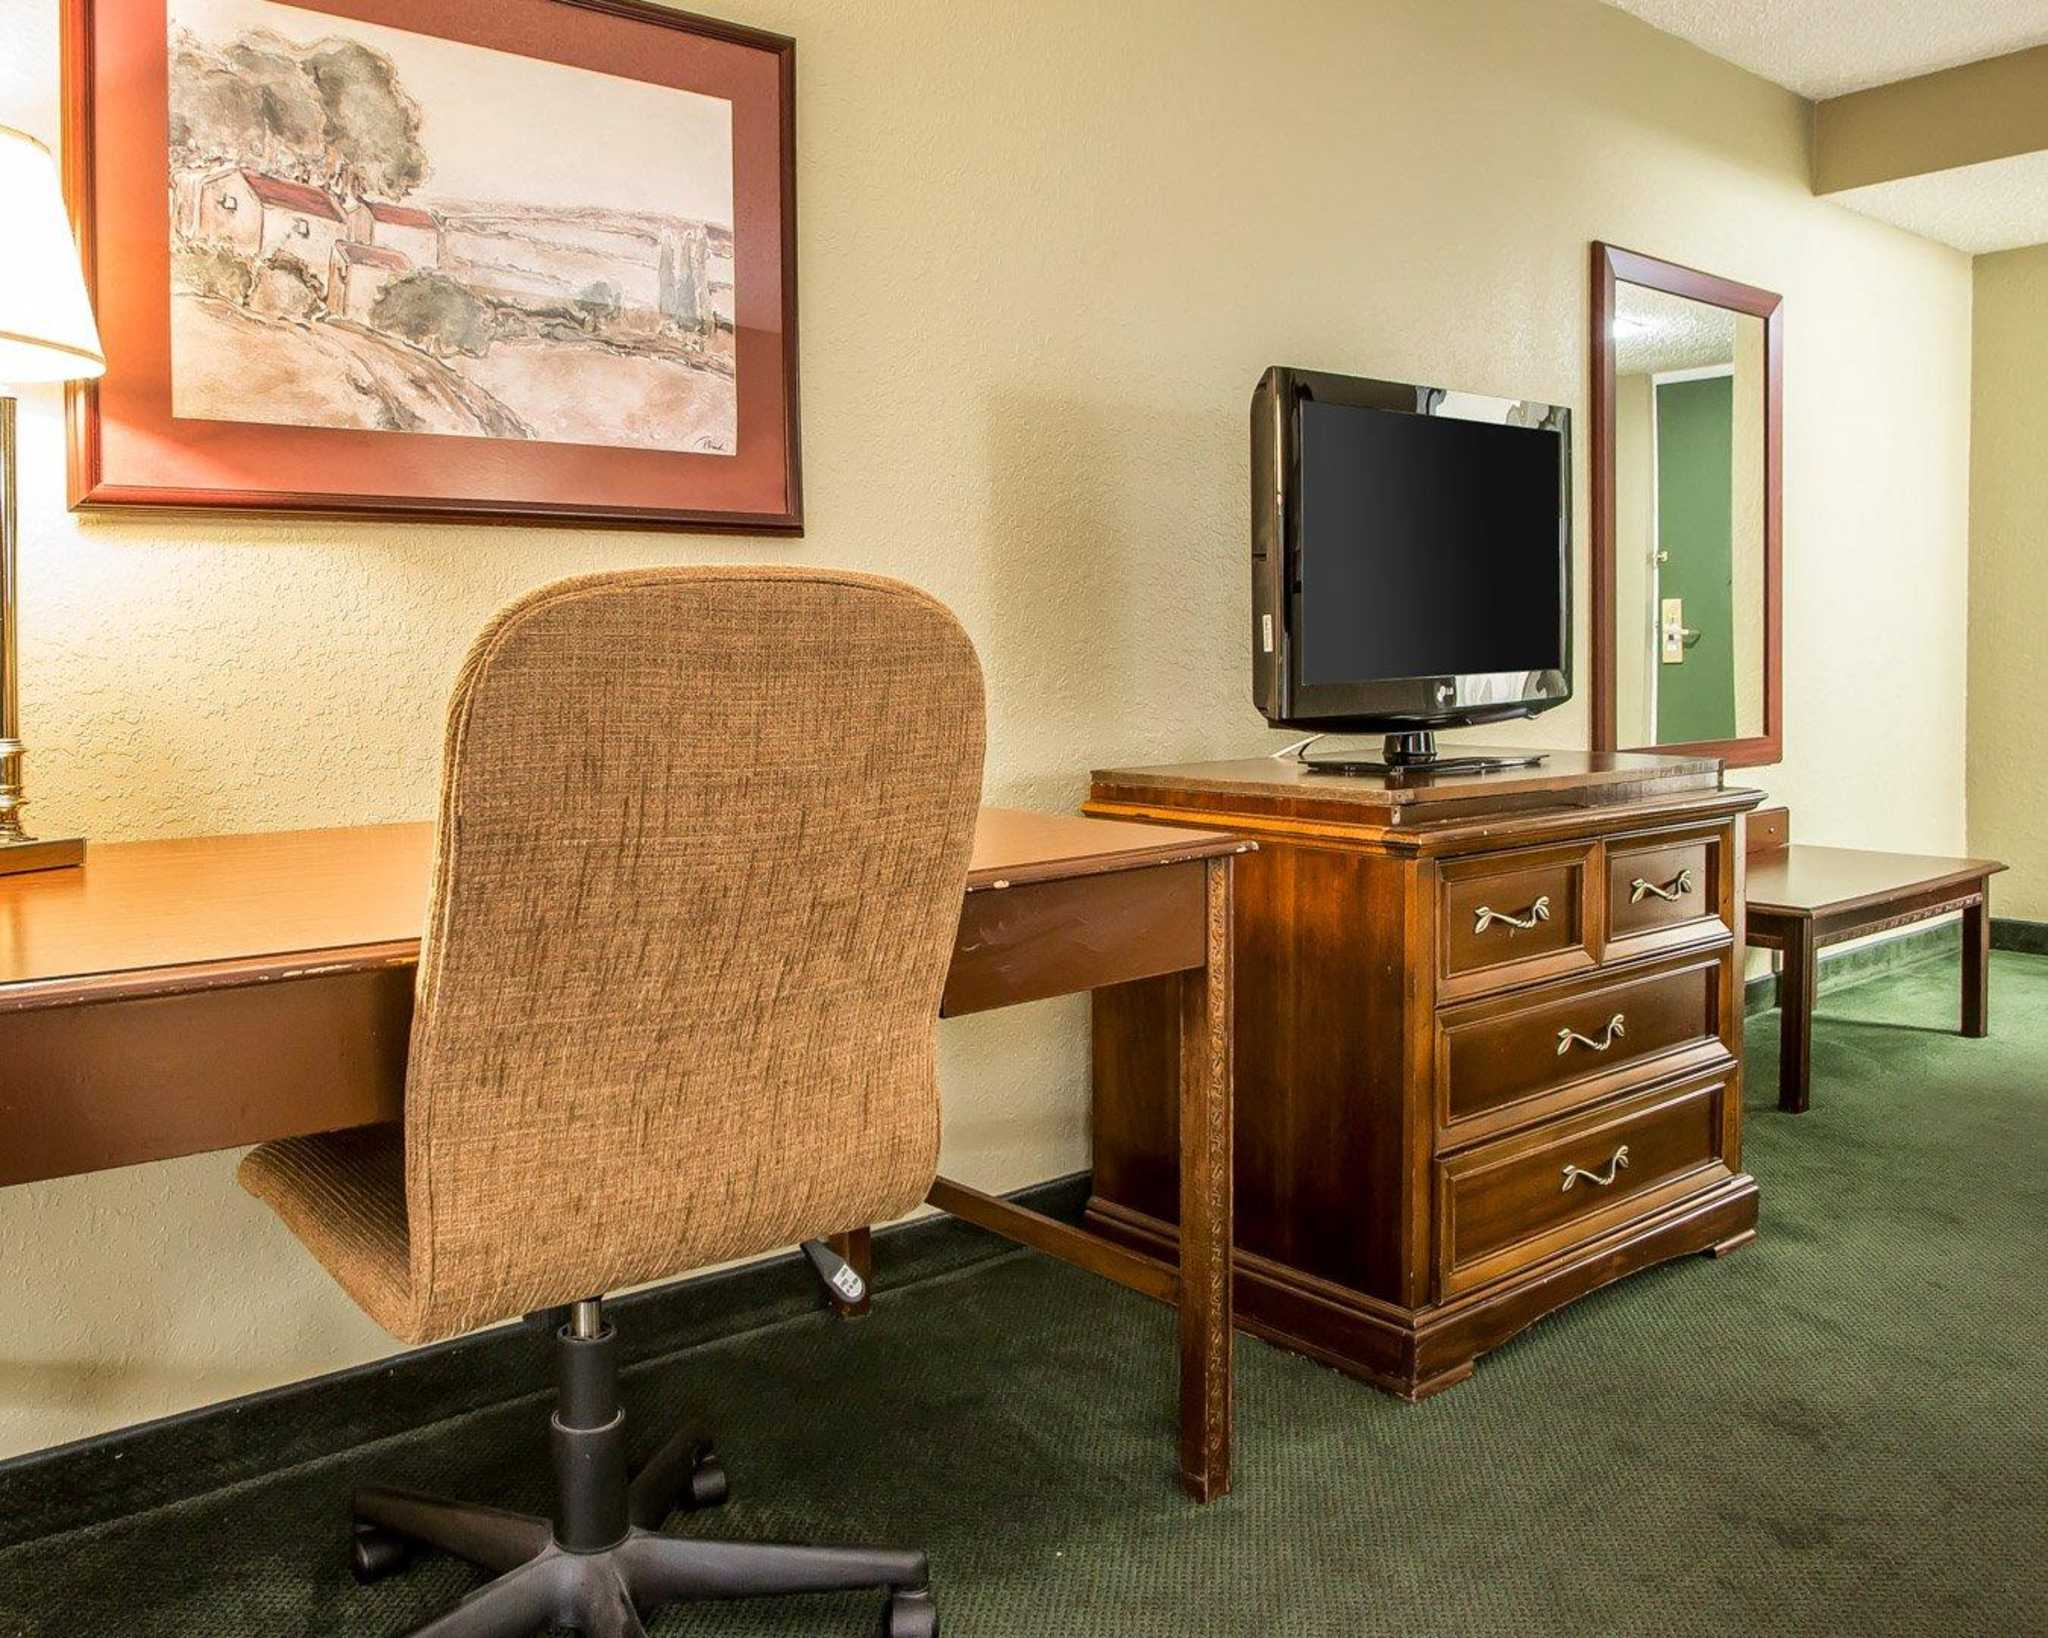 Clarion Hotel Highlander Conference Center image 4